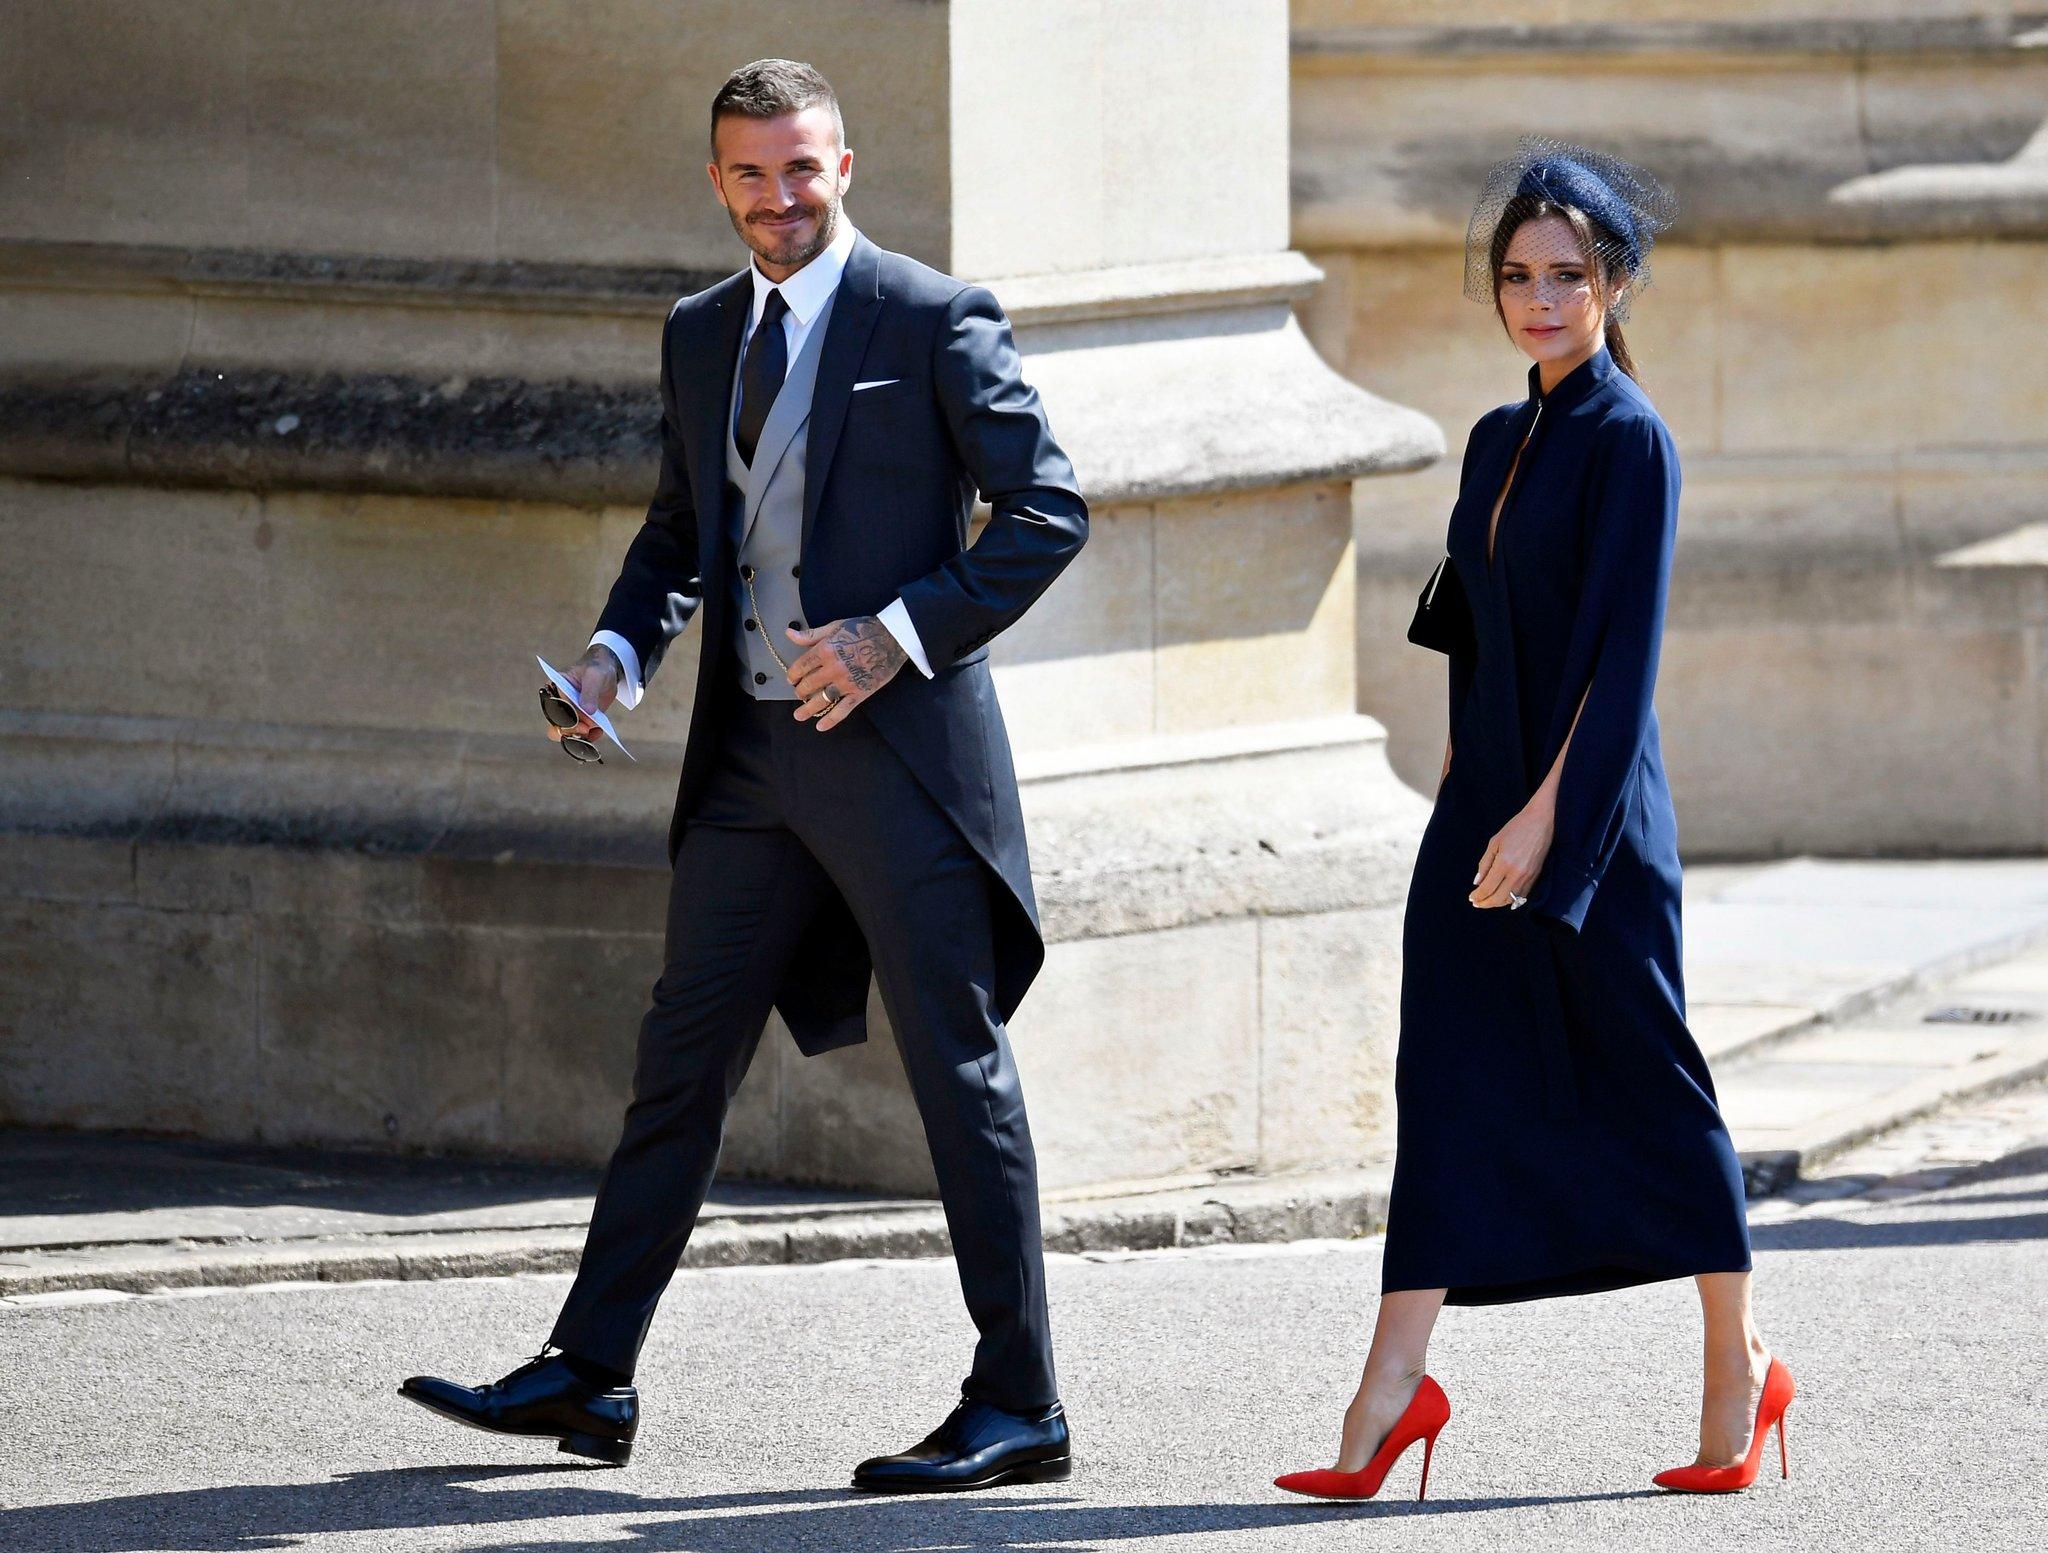 David Beckham in Dior Homme & Victoria Beckham in Victoria Beckham